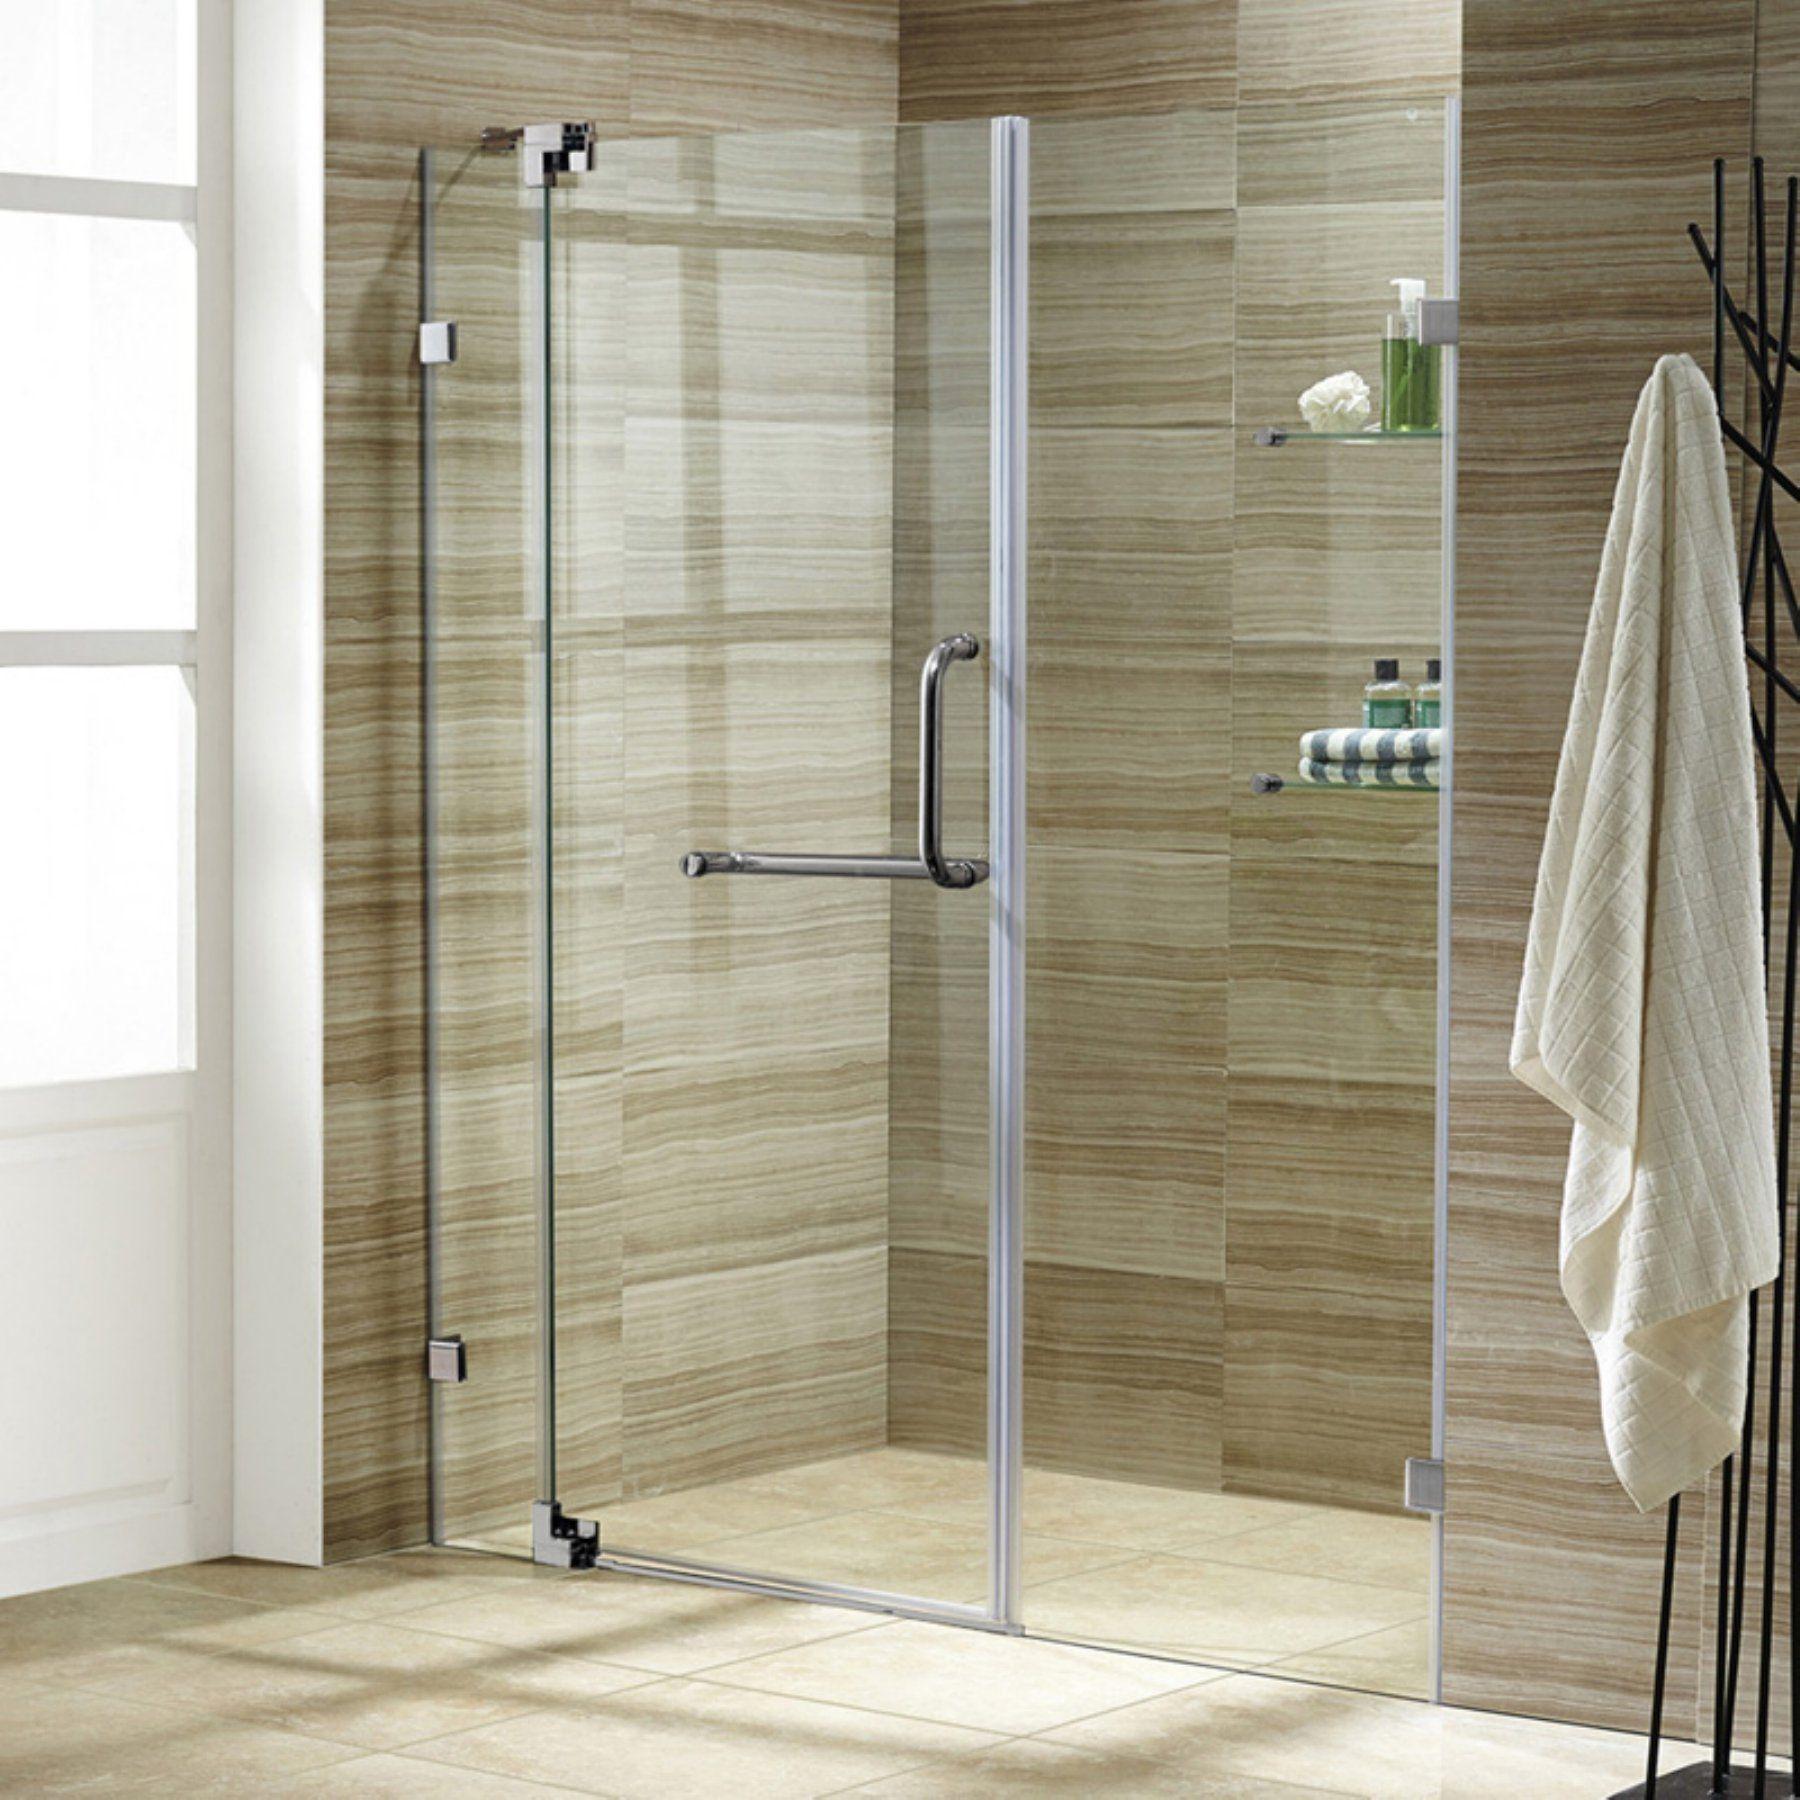 Vigo Vg604248 48 625w X 72h In Clear Glass Shower Door